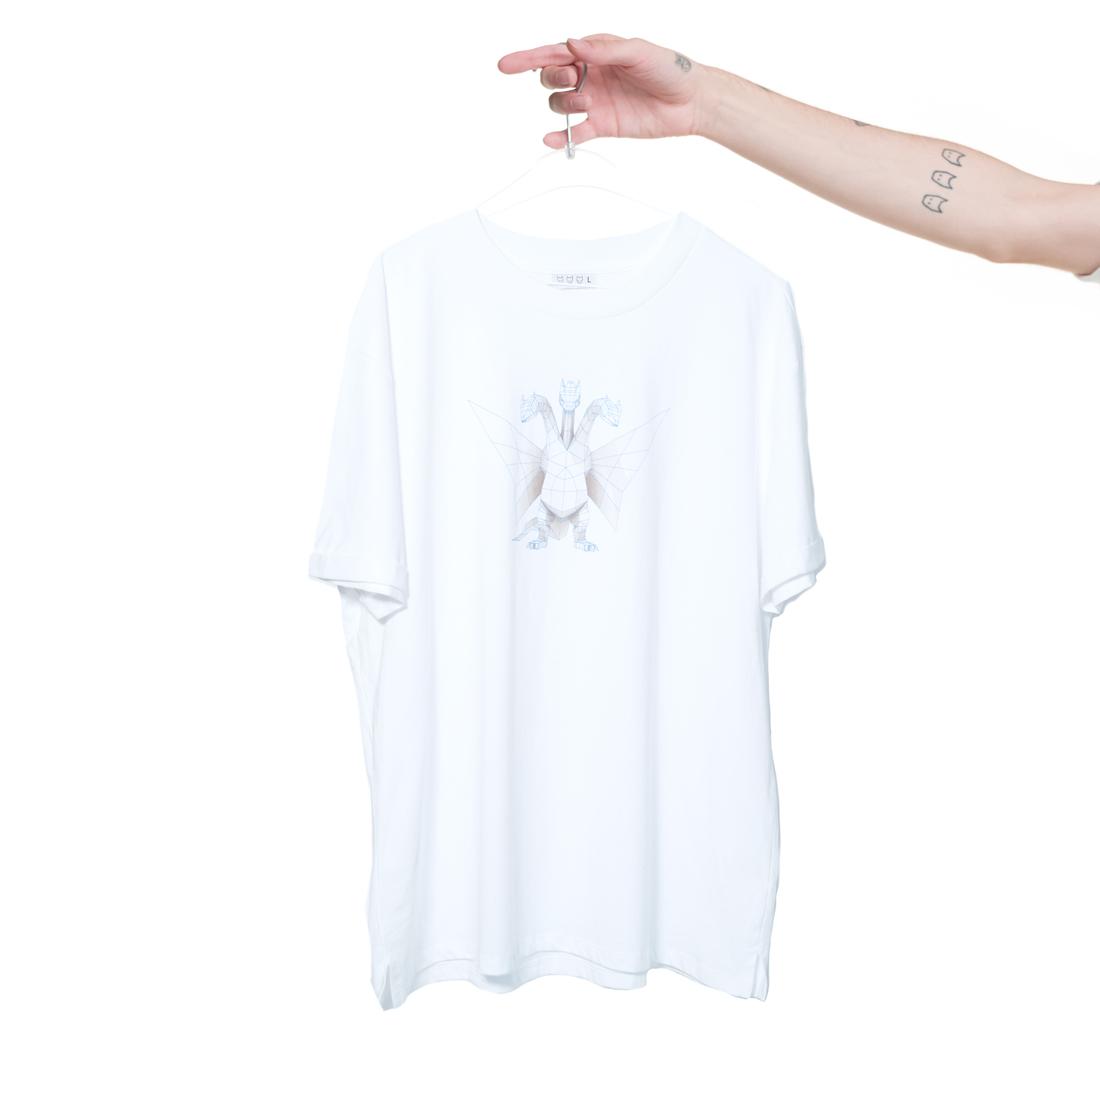 Hydra von Dat Adam - T-Shirt jetzt im Dat Adam Shop